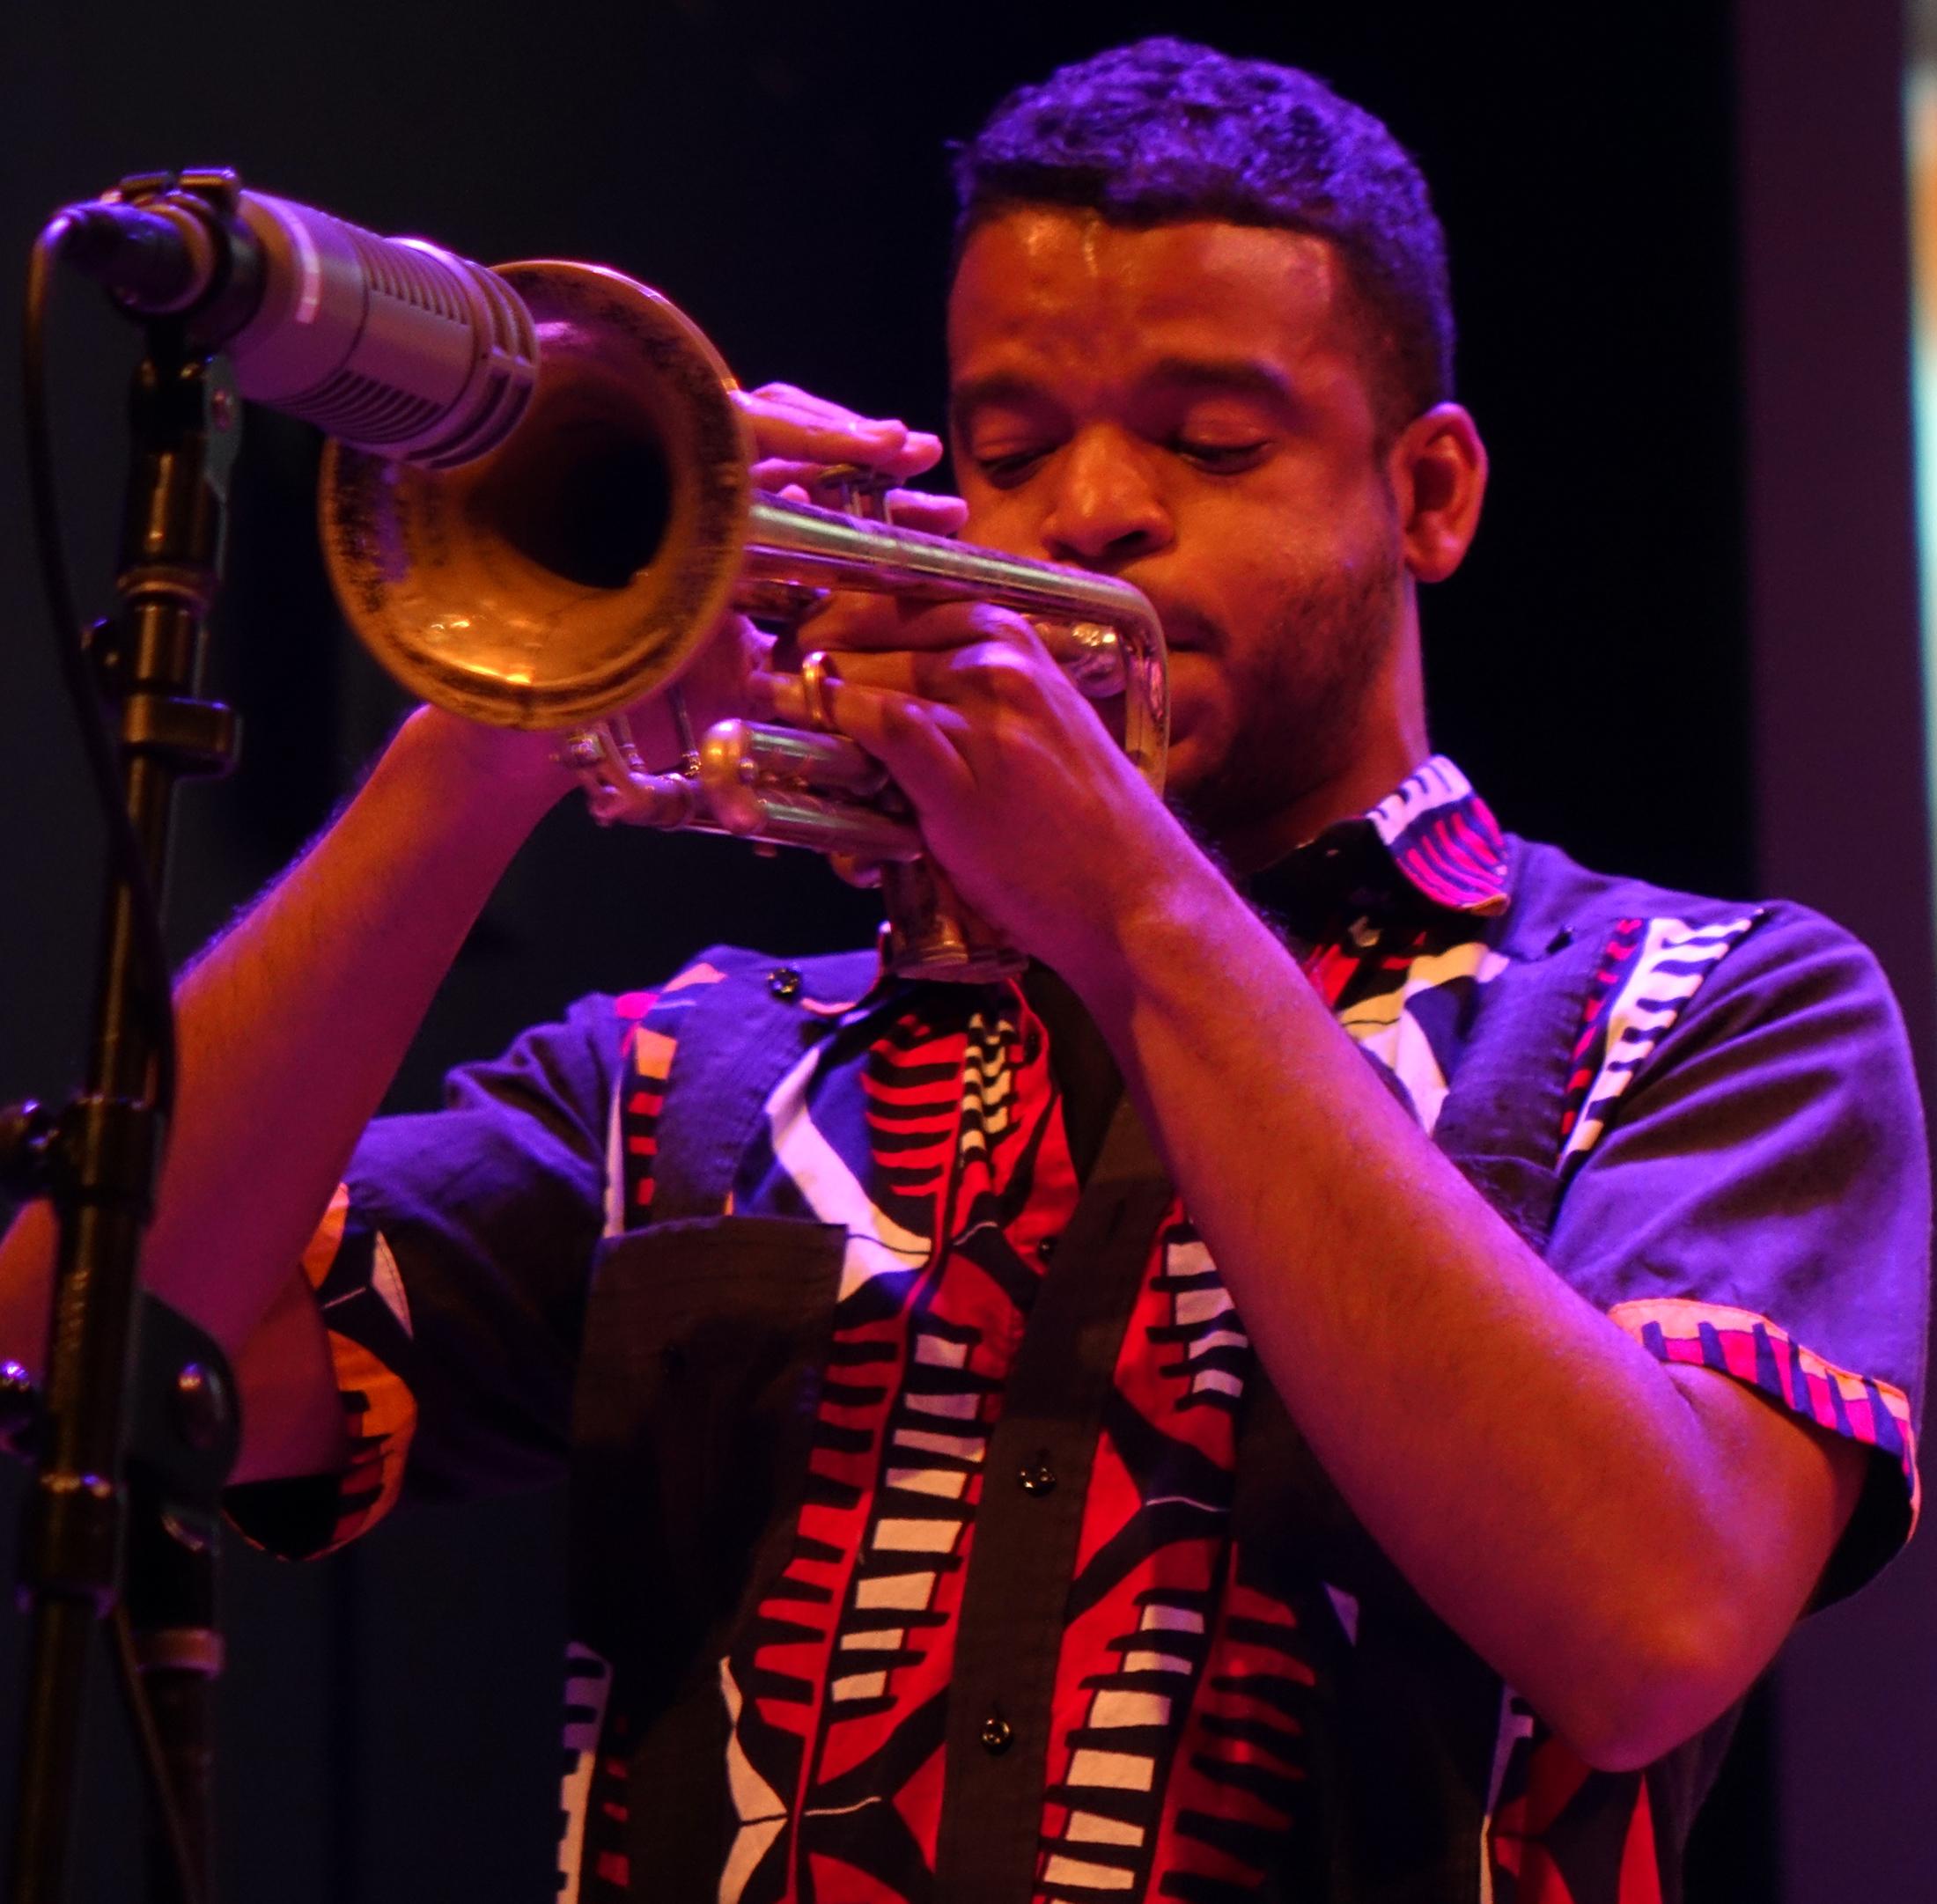 Aquiles Navarro at Vision 23